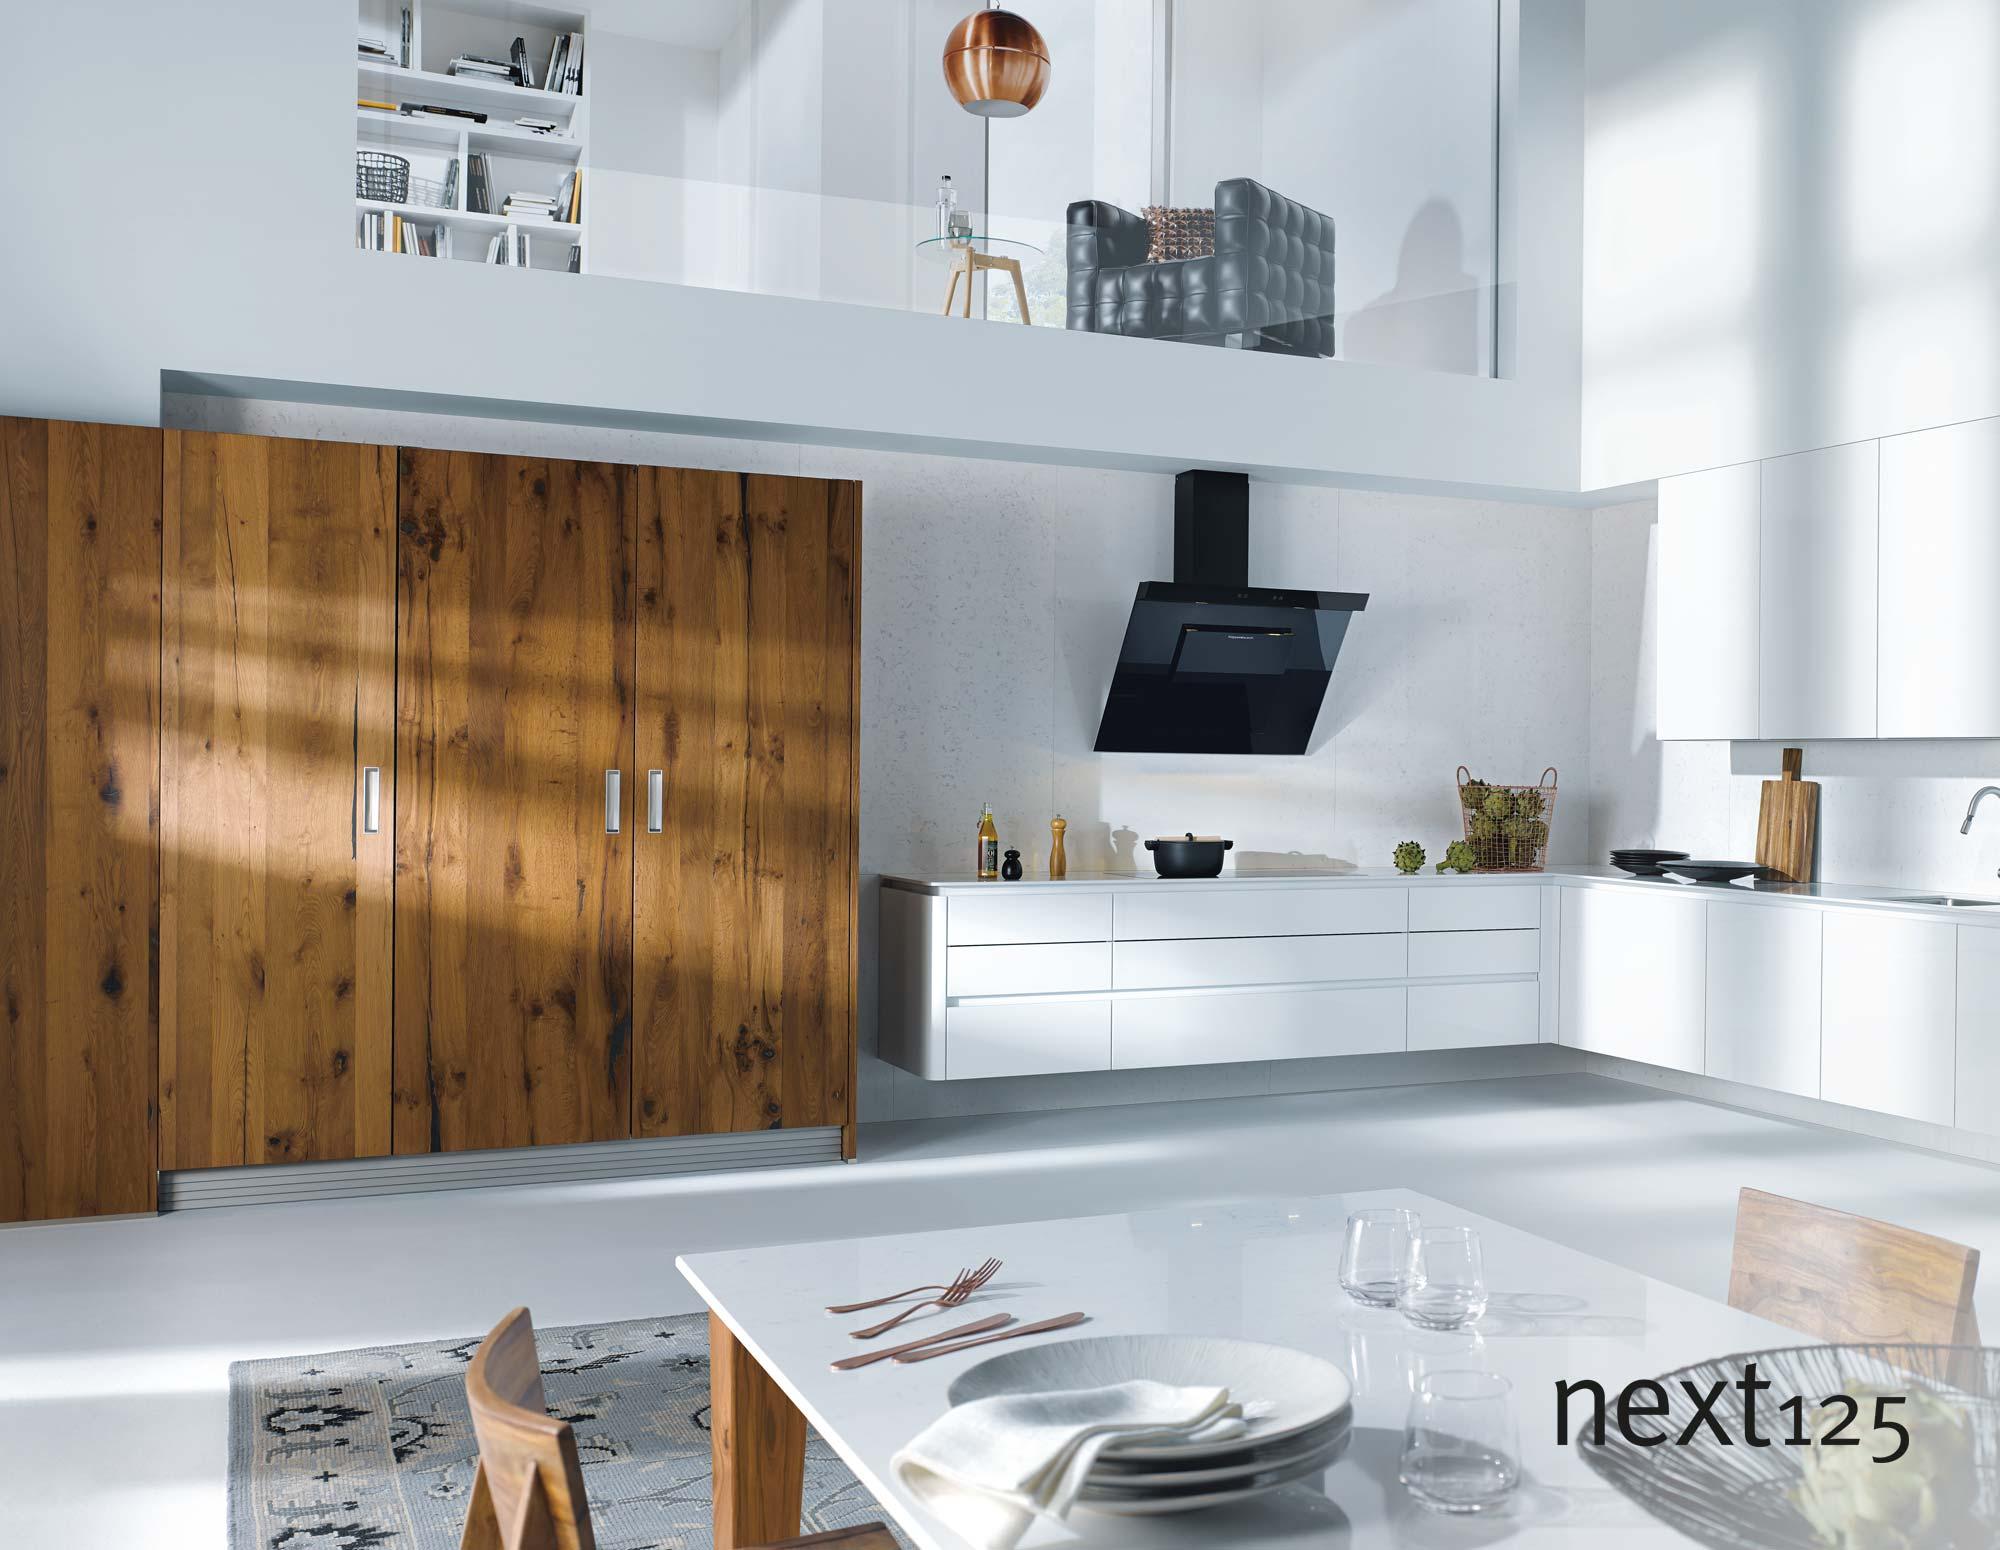 next125 Küche Hochglanz-Front nx501 in weiß